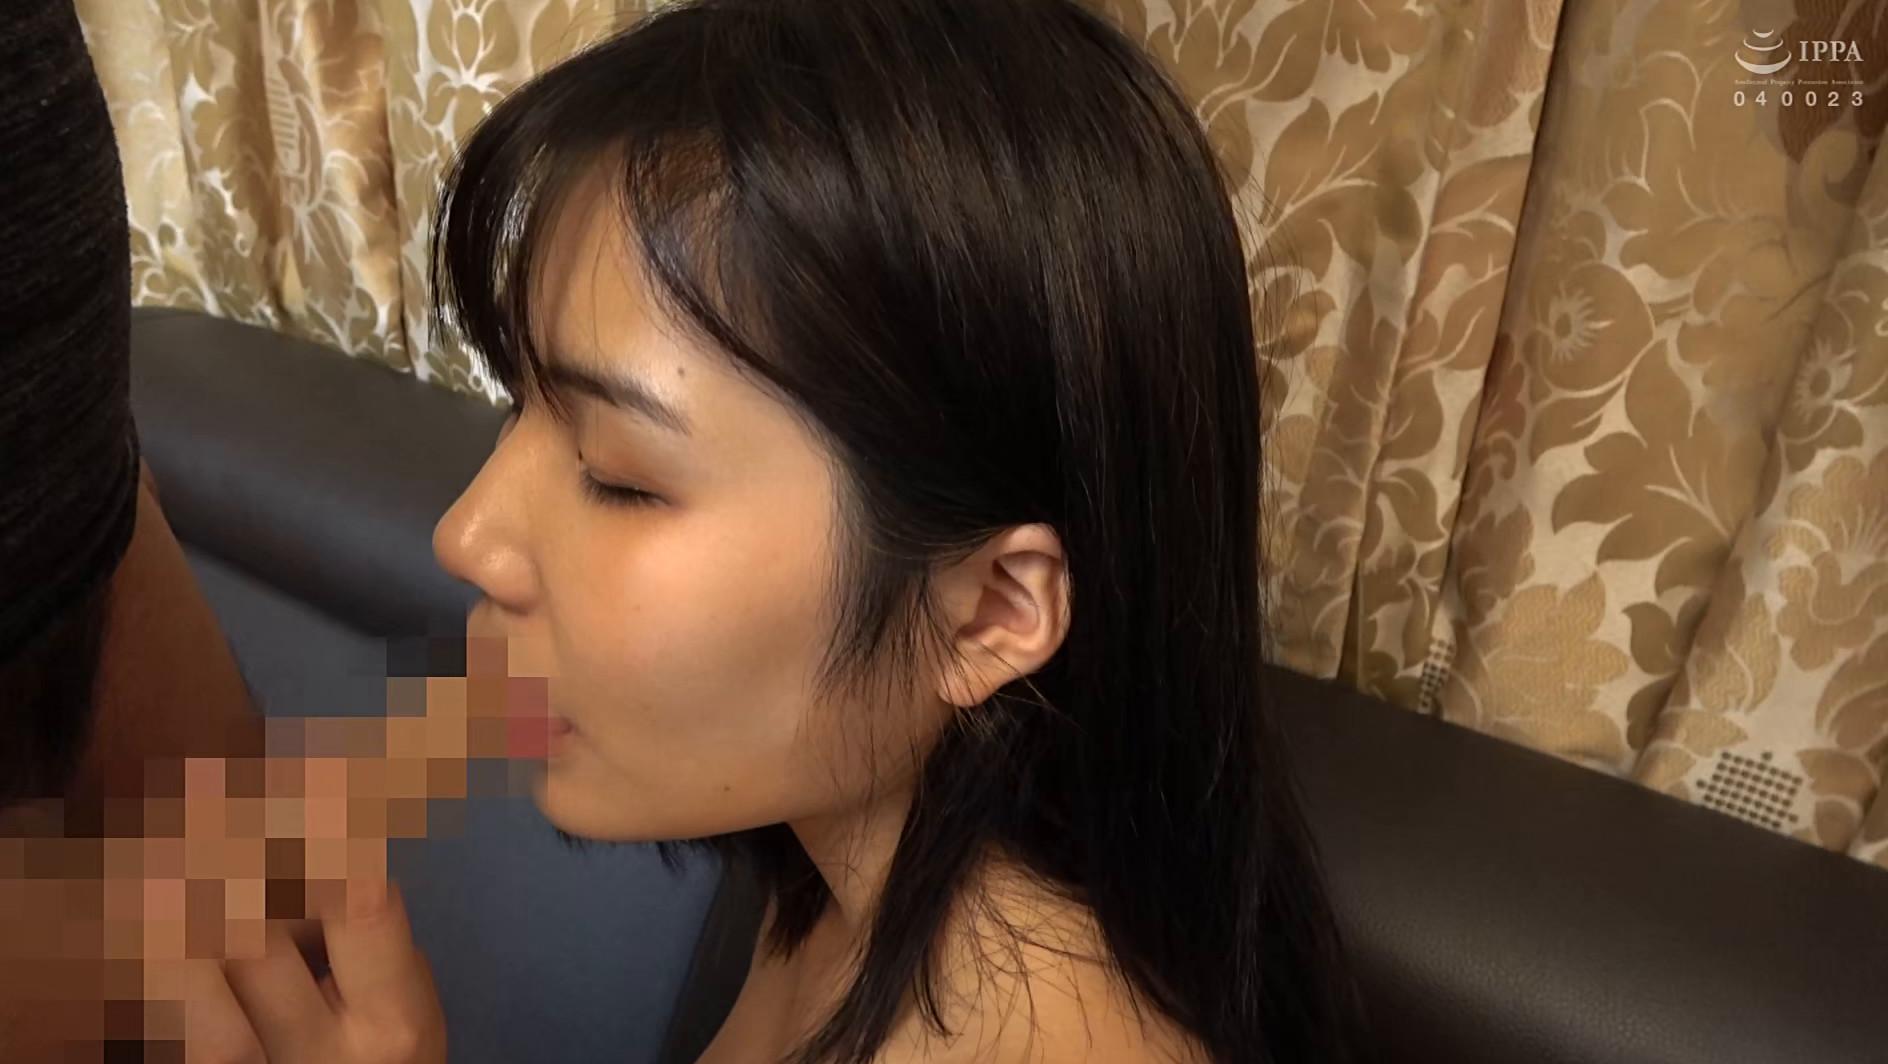 韓国で見つけた地味系な彼女は、眼鏡で隠した美貌と隠れ巨乳のもったいない美女でした!自称Cカップと控えめにウソをつく隠れ巨乳は揉んで良し!揺れて良し! 画像17